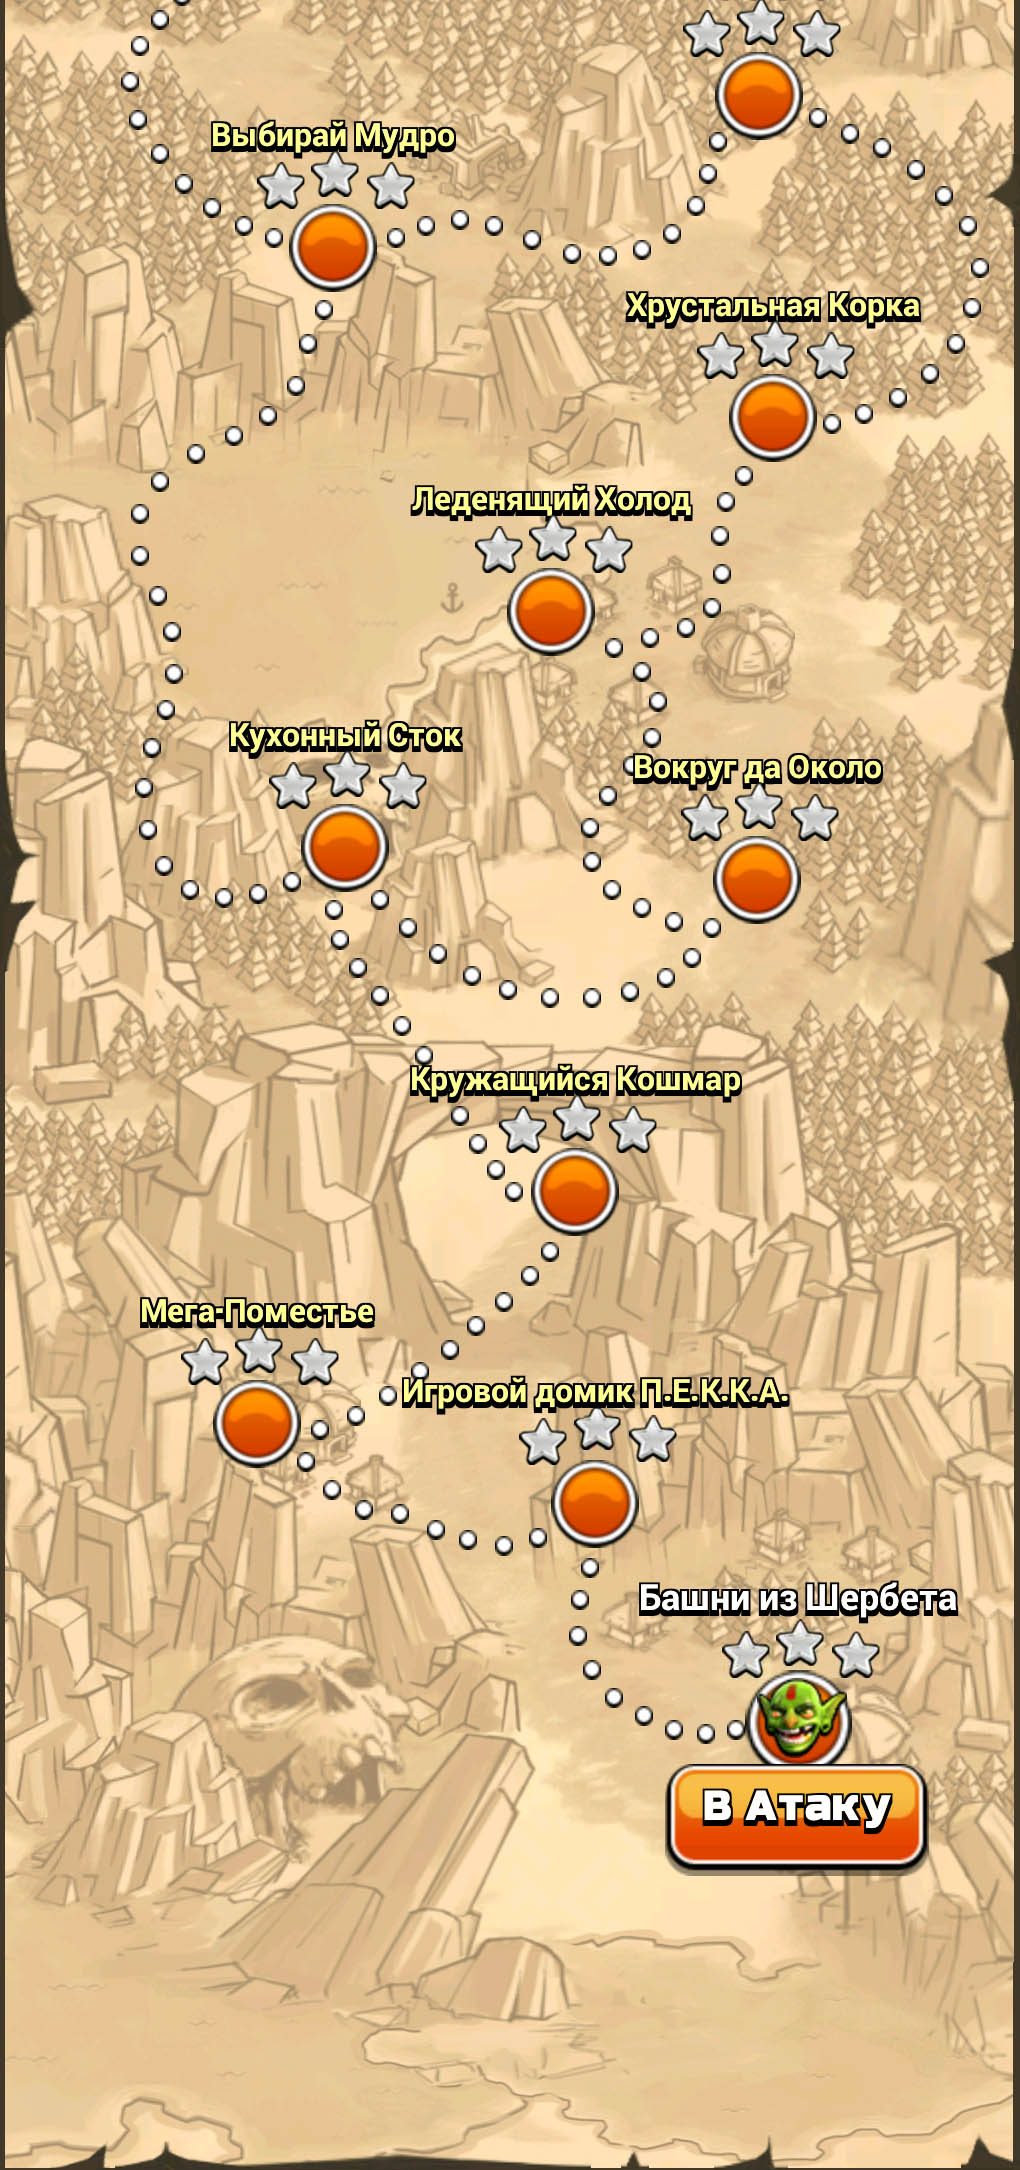 Карта одиночной кампании 4